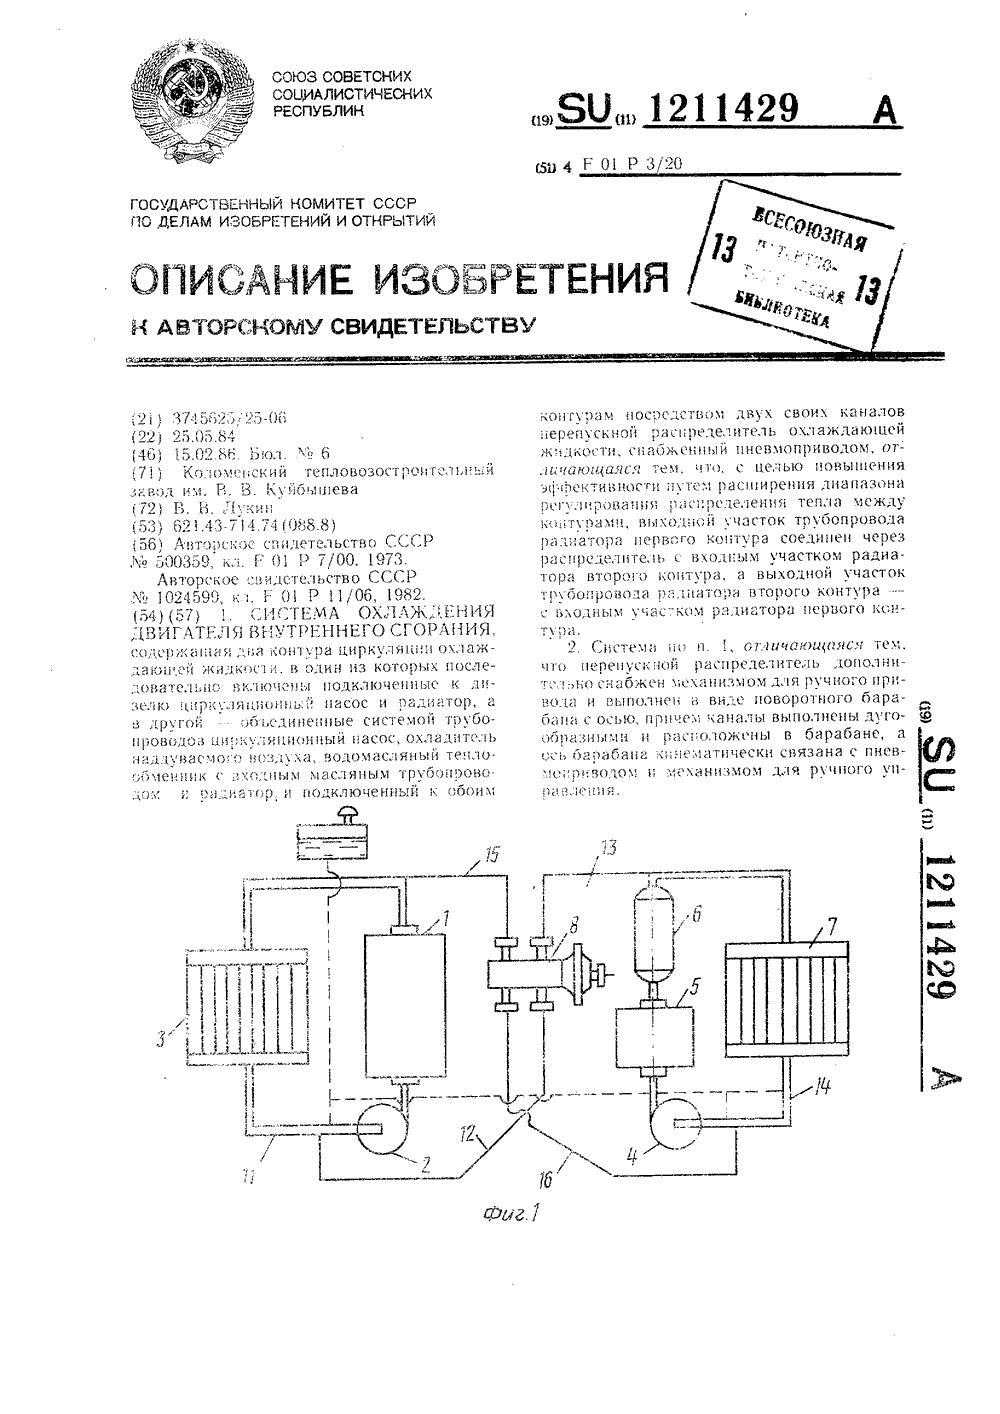 схема двухконтурной системы охлаждения дизеля